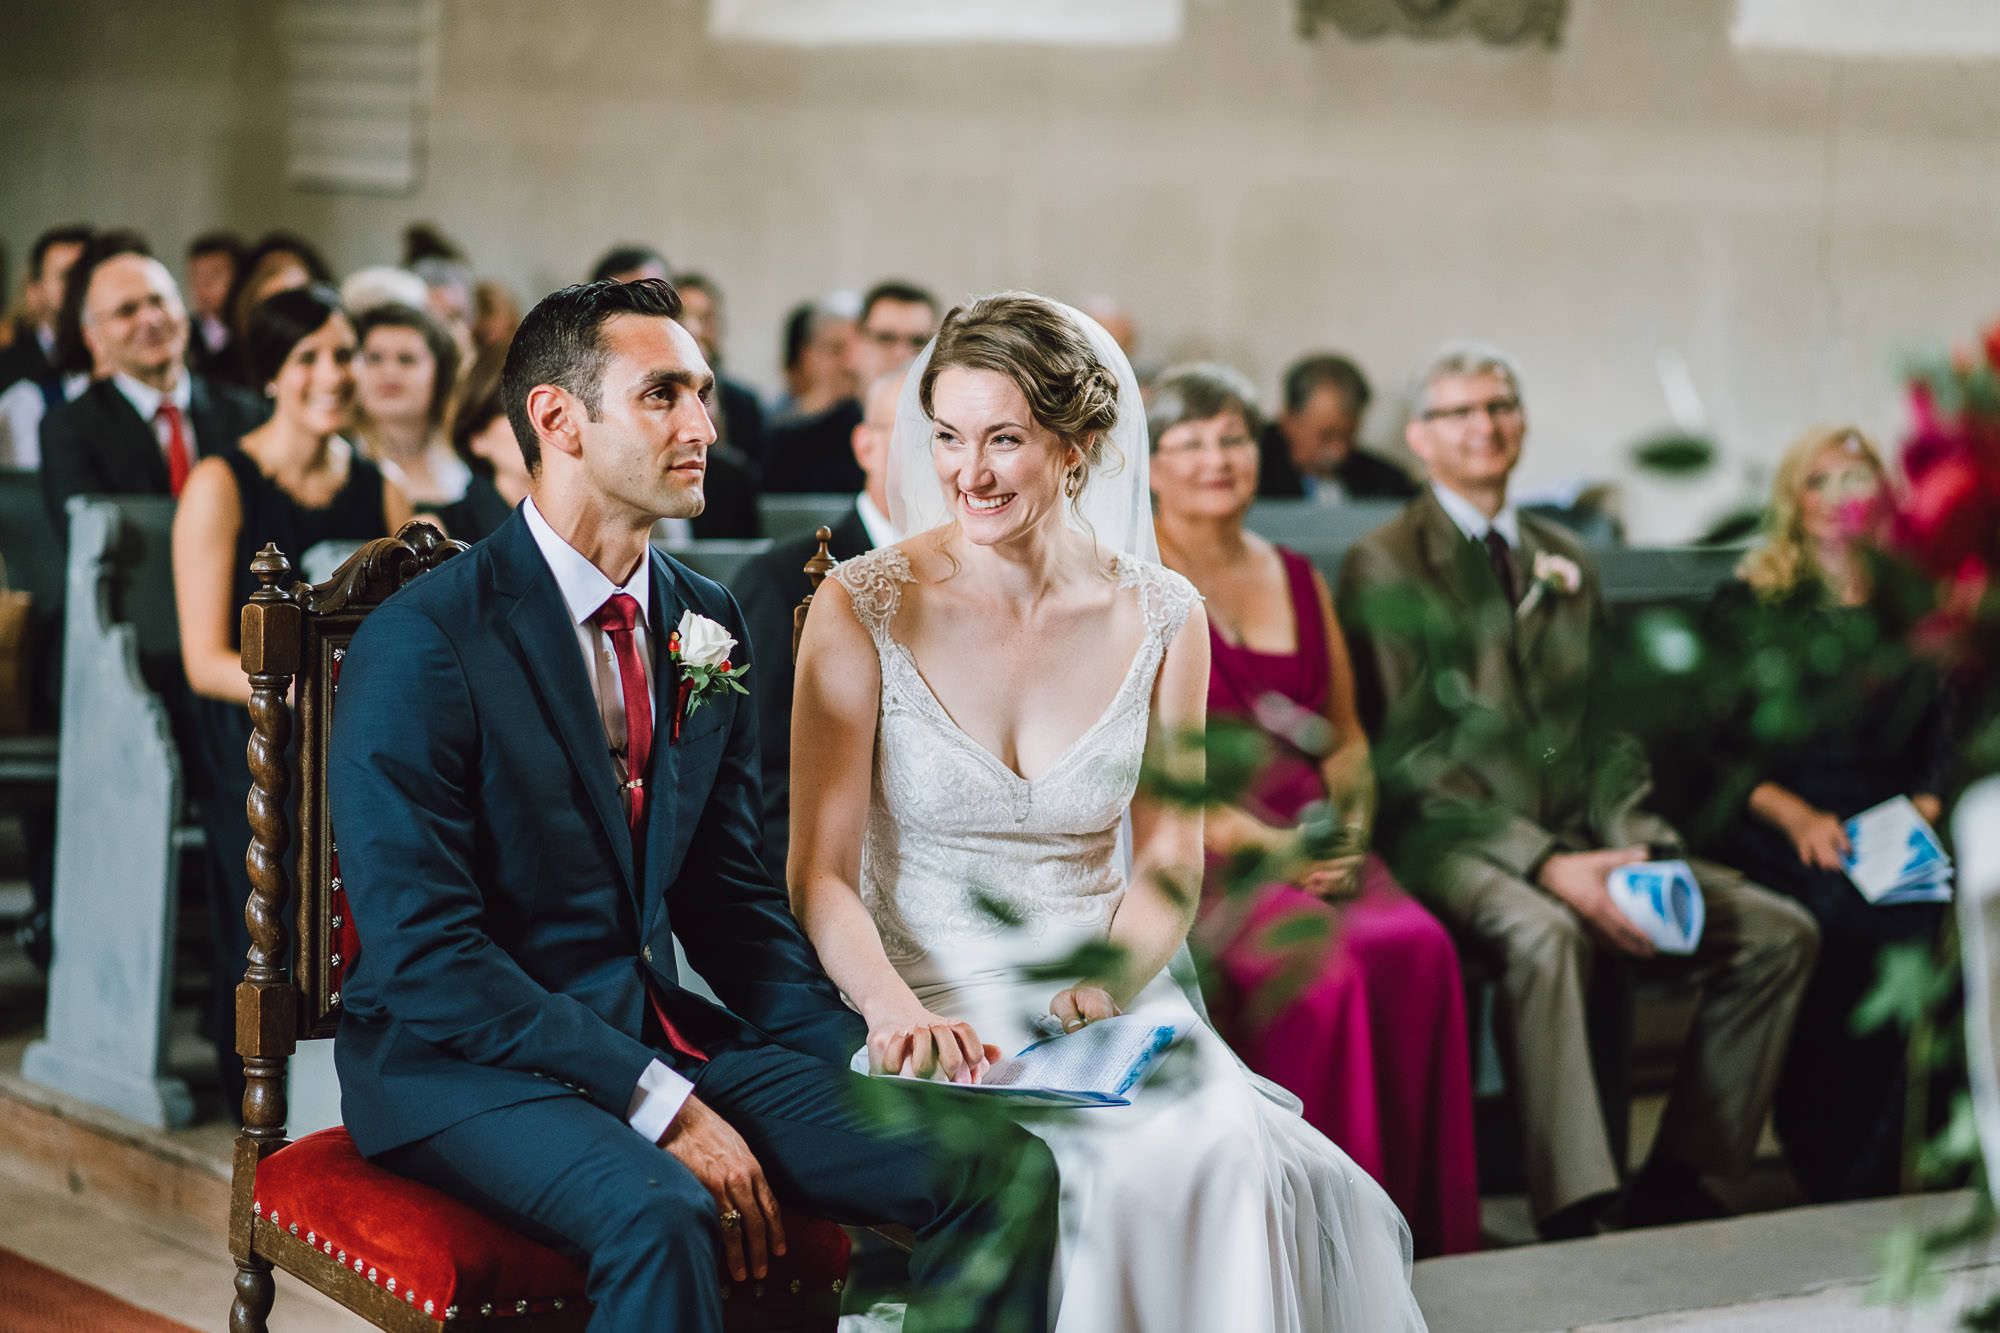 rustic-elegant-wedding-schloss-hochzeit-eyrichshof-franken-bamberg-059